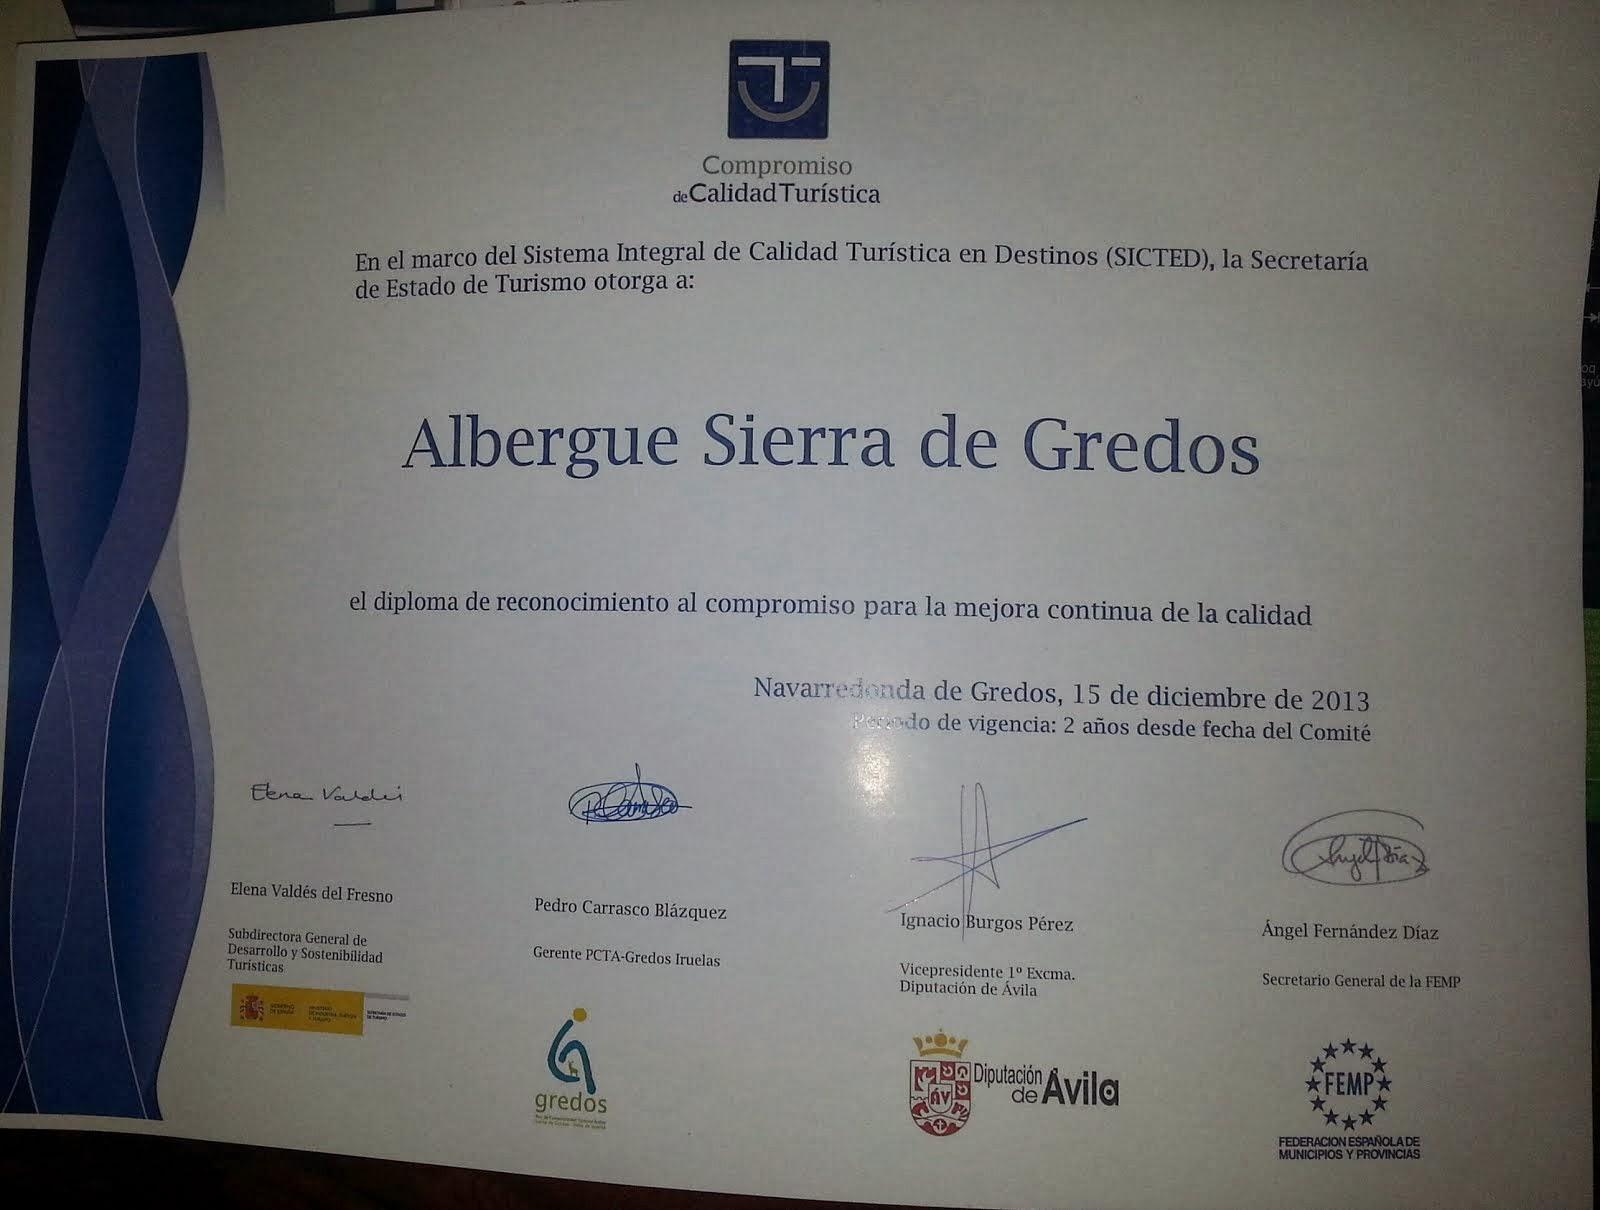 Albergue Sierra de Gredos